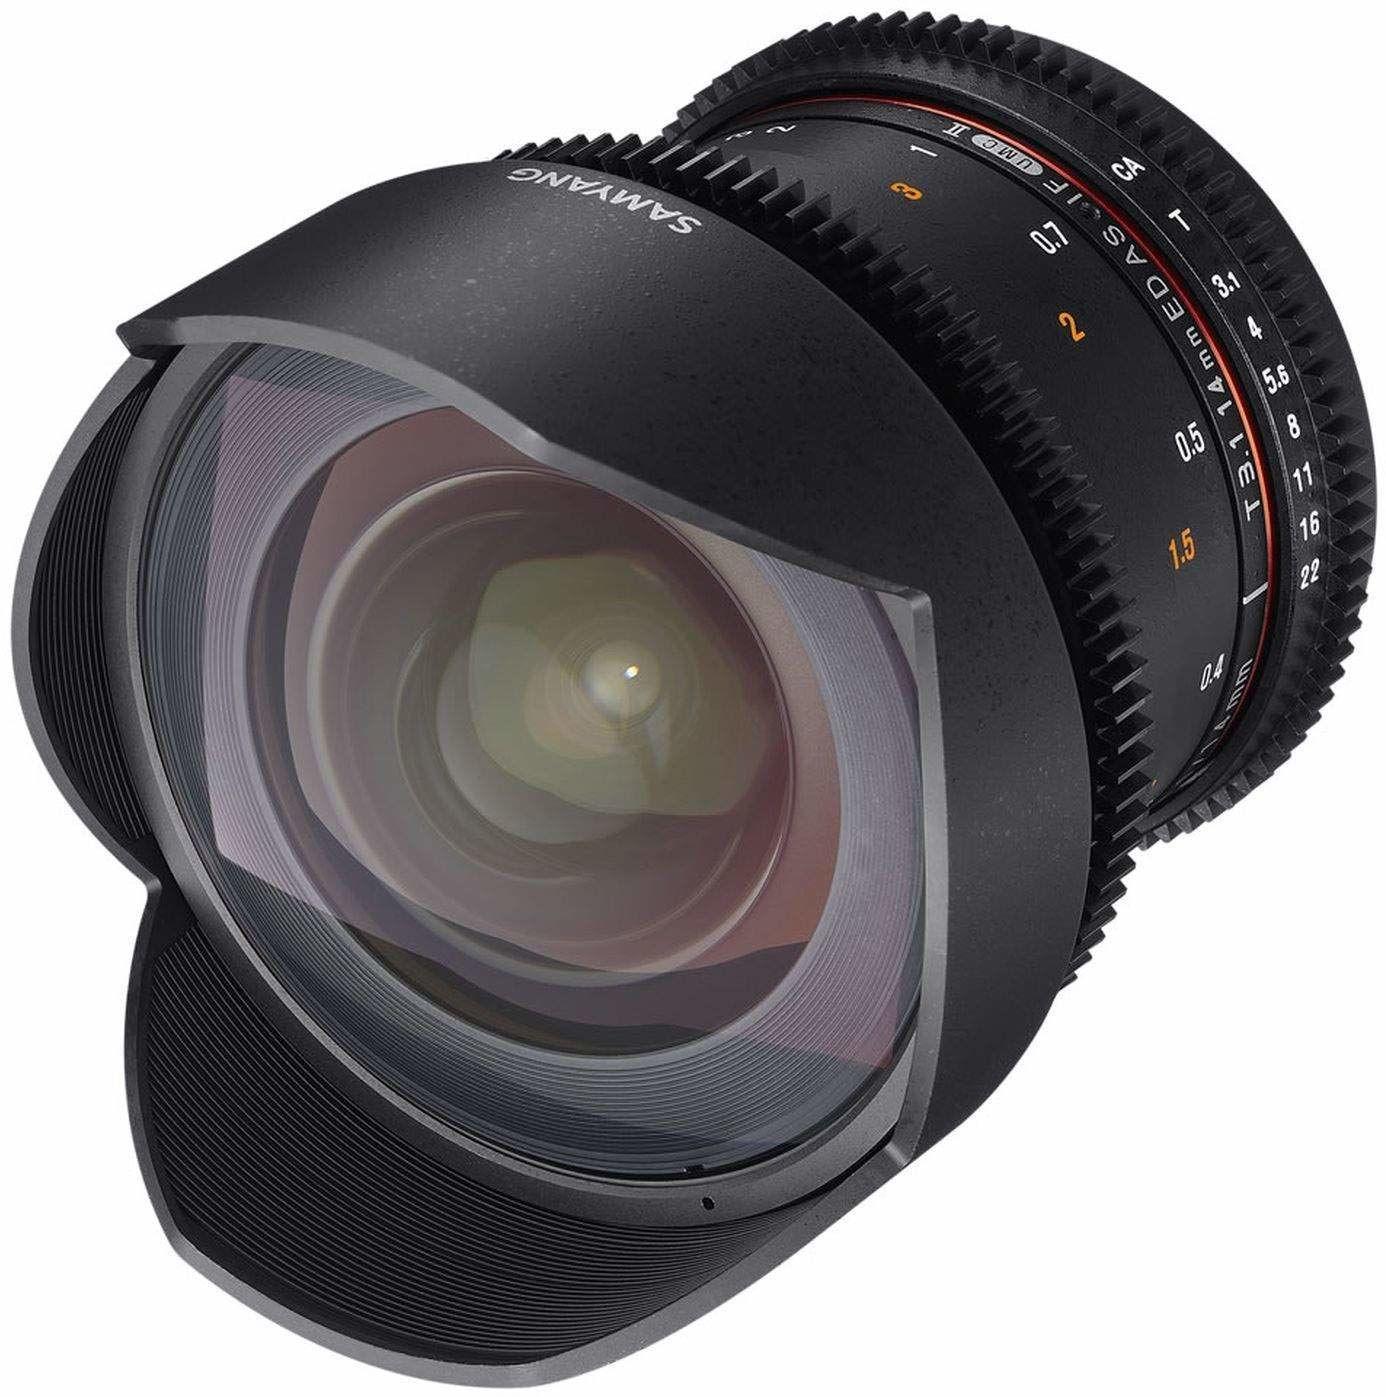 Samyang 14 mm T3.1 VDSLR II Ręczna regulacja ostrości obiektywu wideo do kamery mikro cztery trzecie